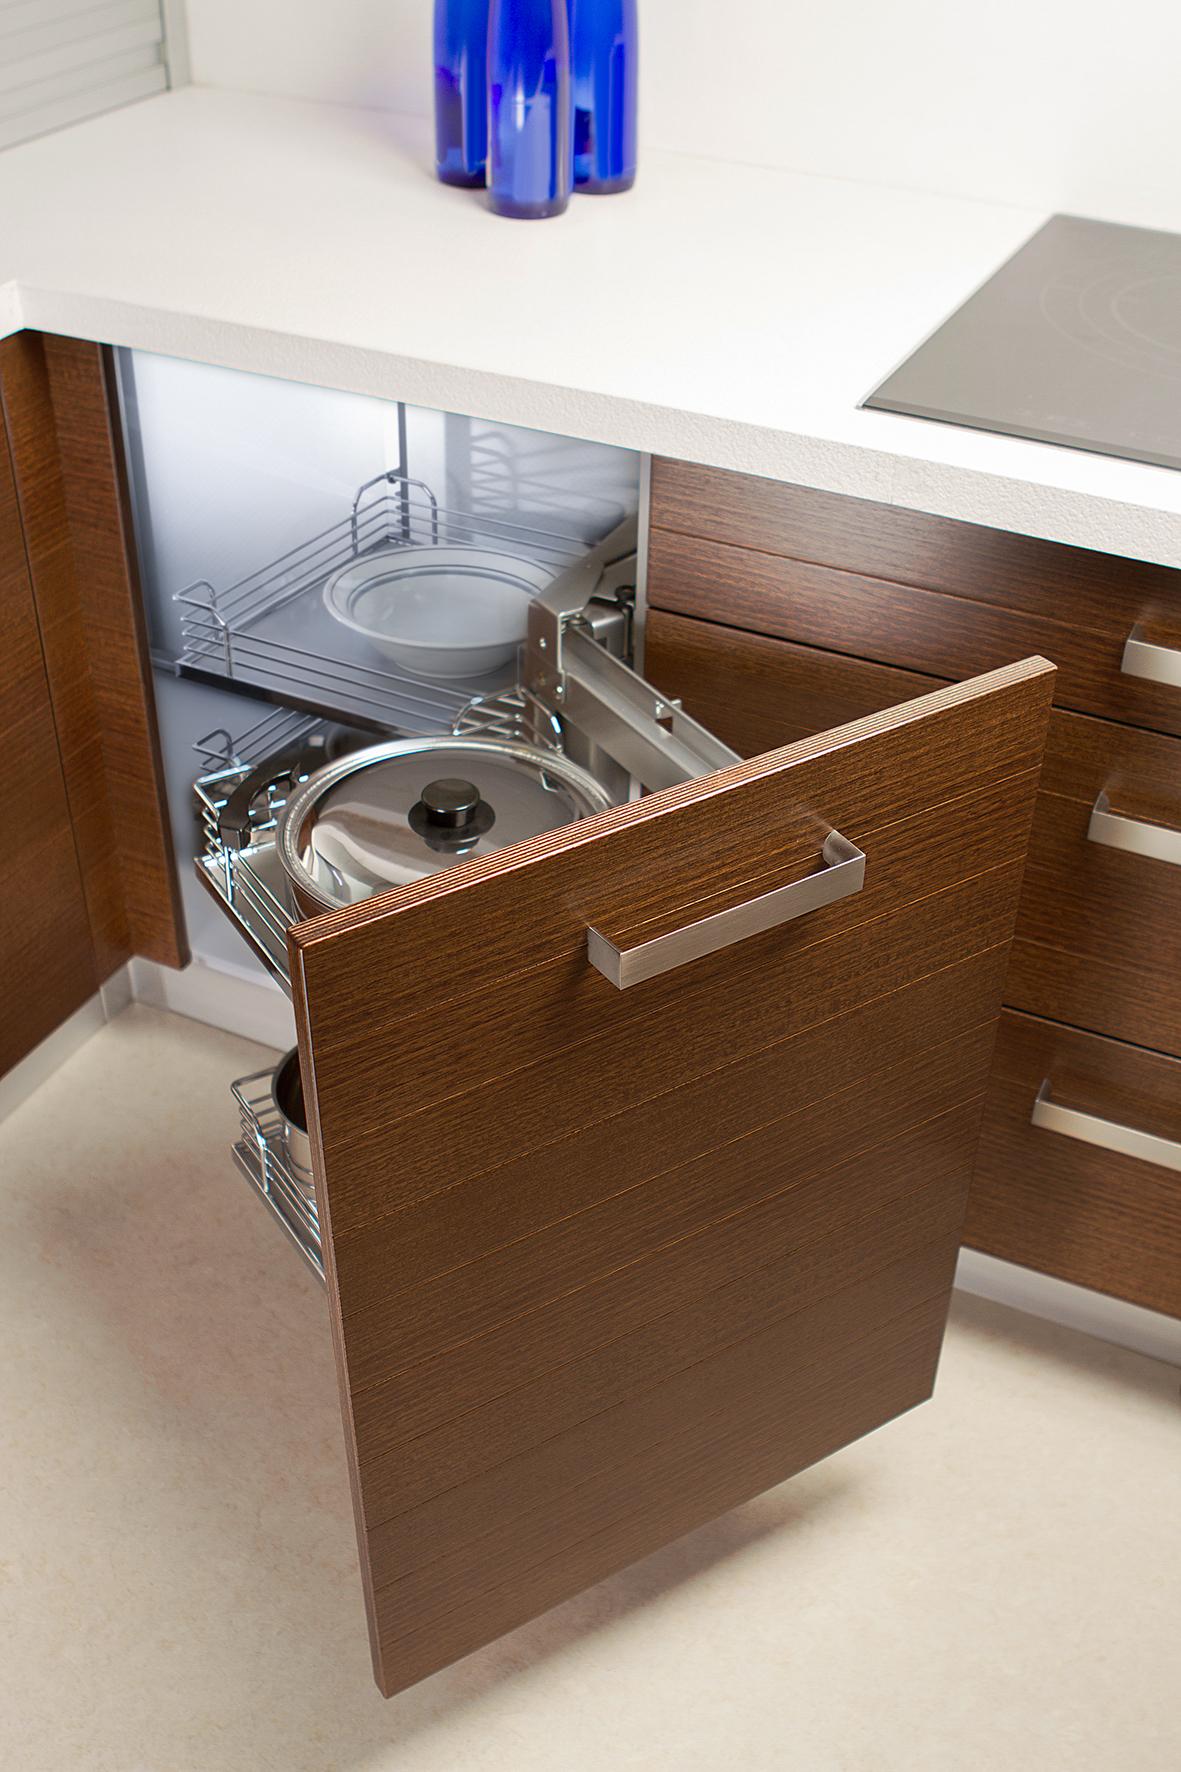 Sof a rh cocinas creativas f brica de cocinas en - Fabrica de cocinas madrid ...